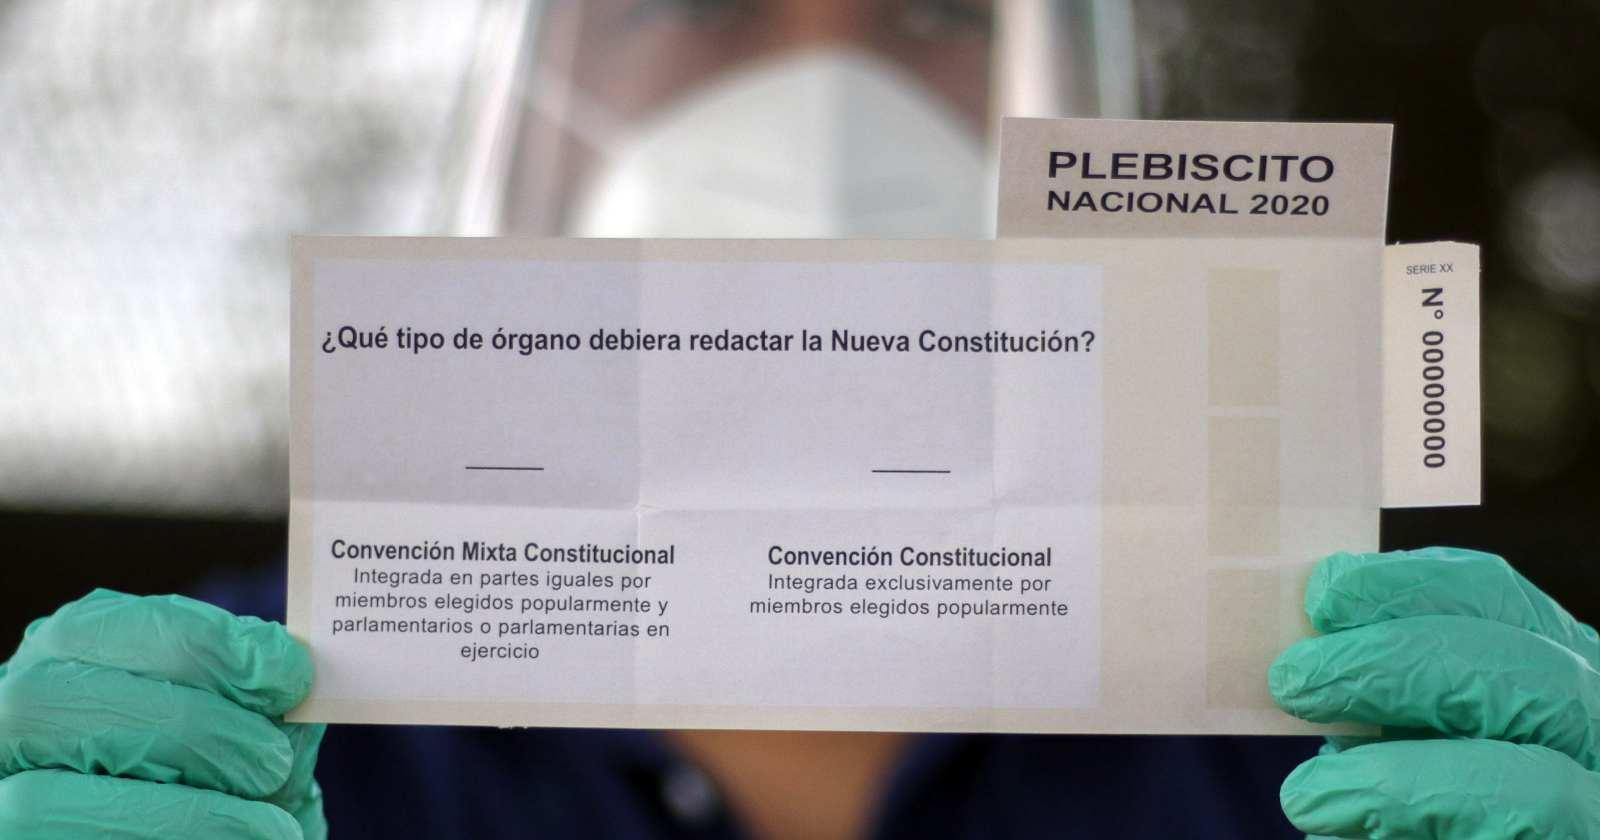 7 comicios en 13 meses: el agitado calendario electoral chileno